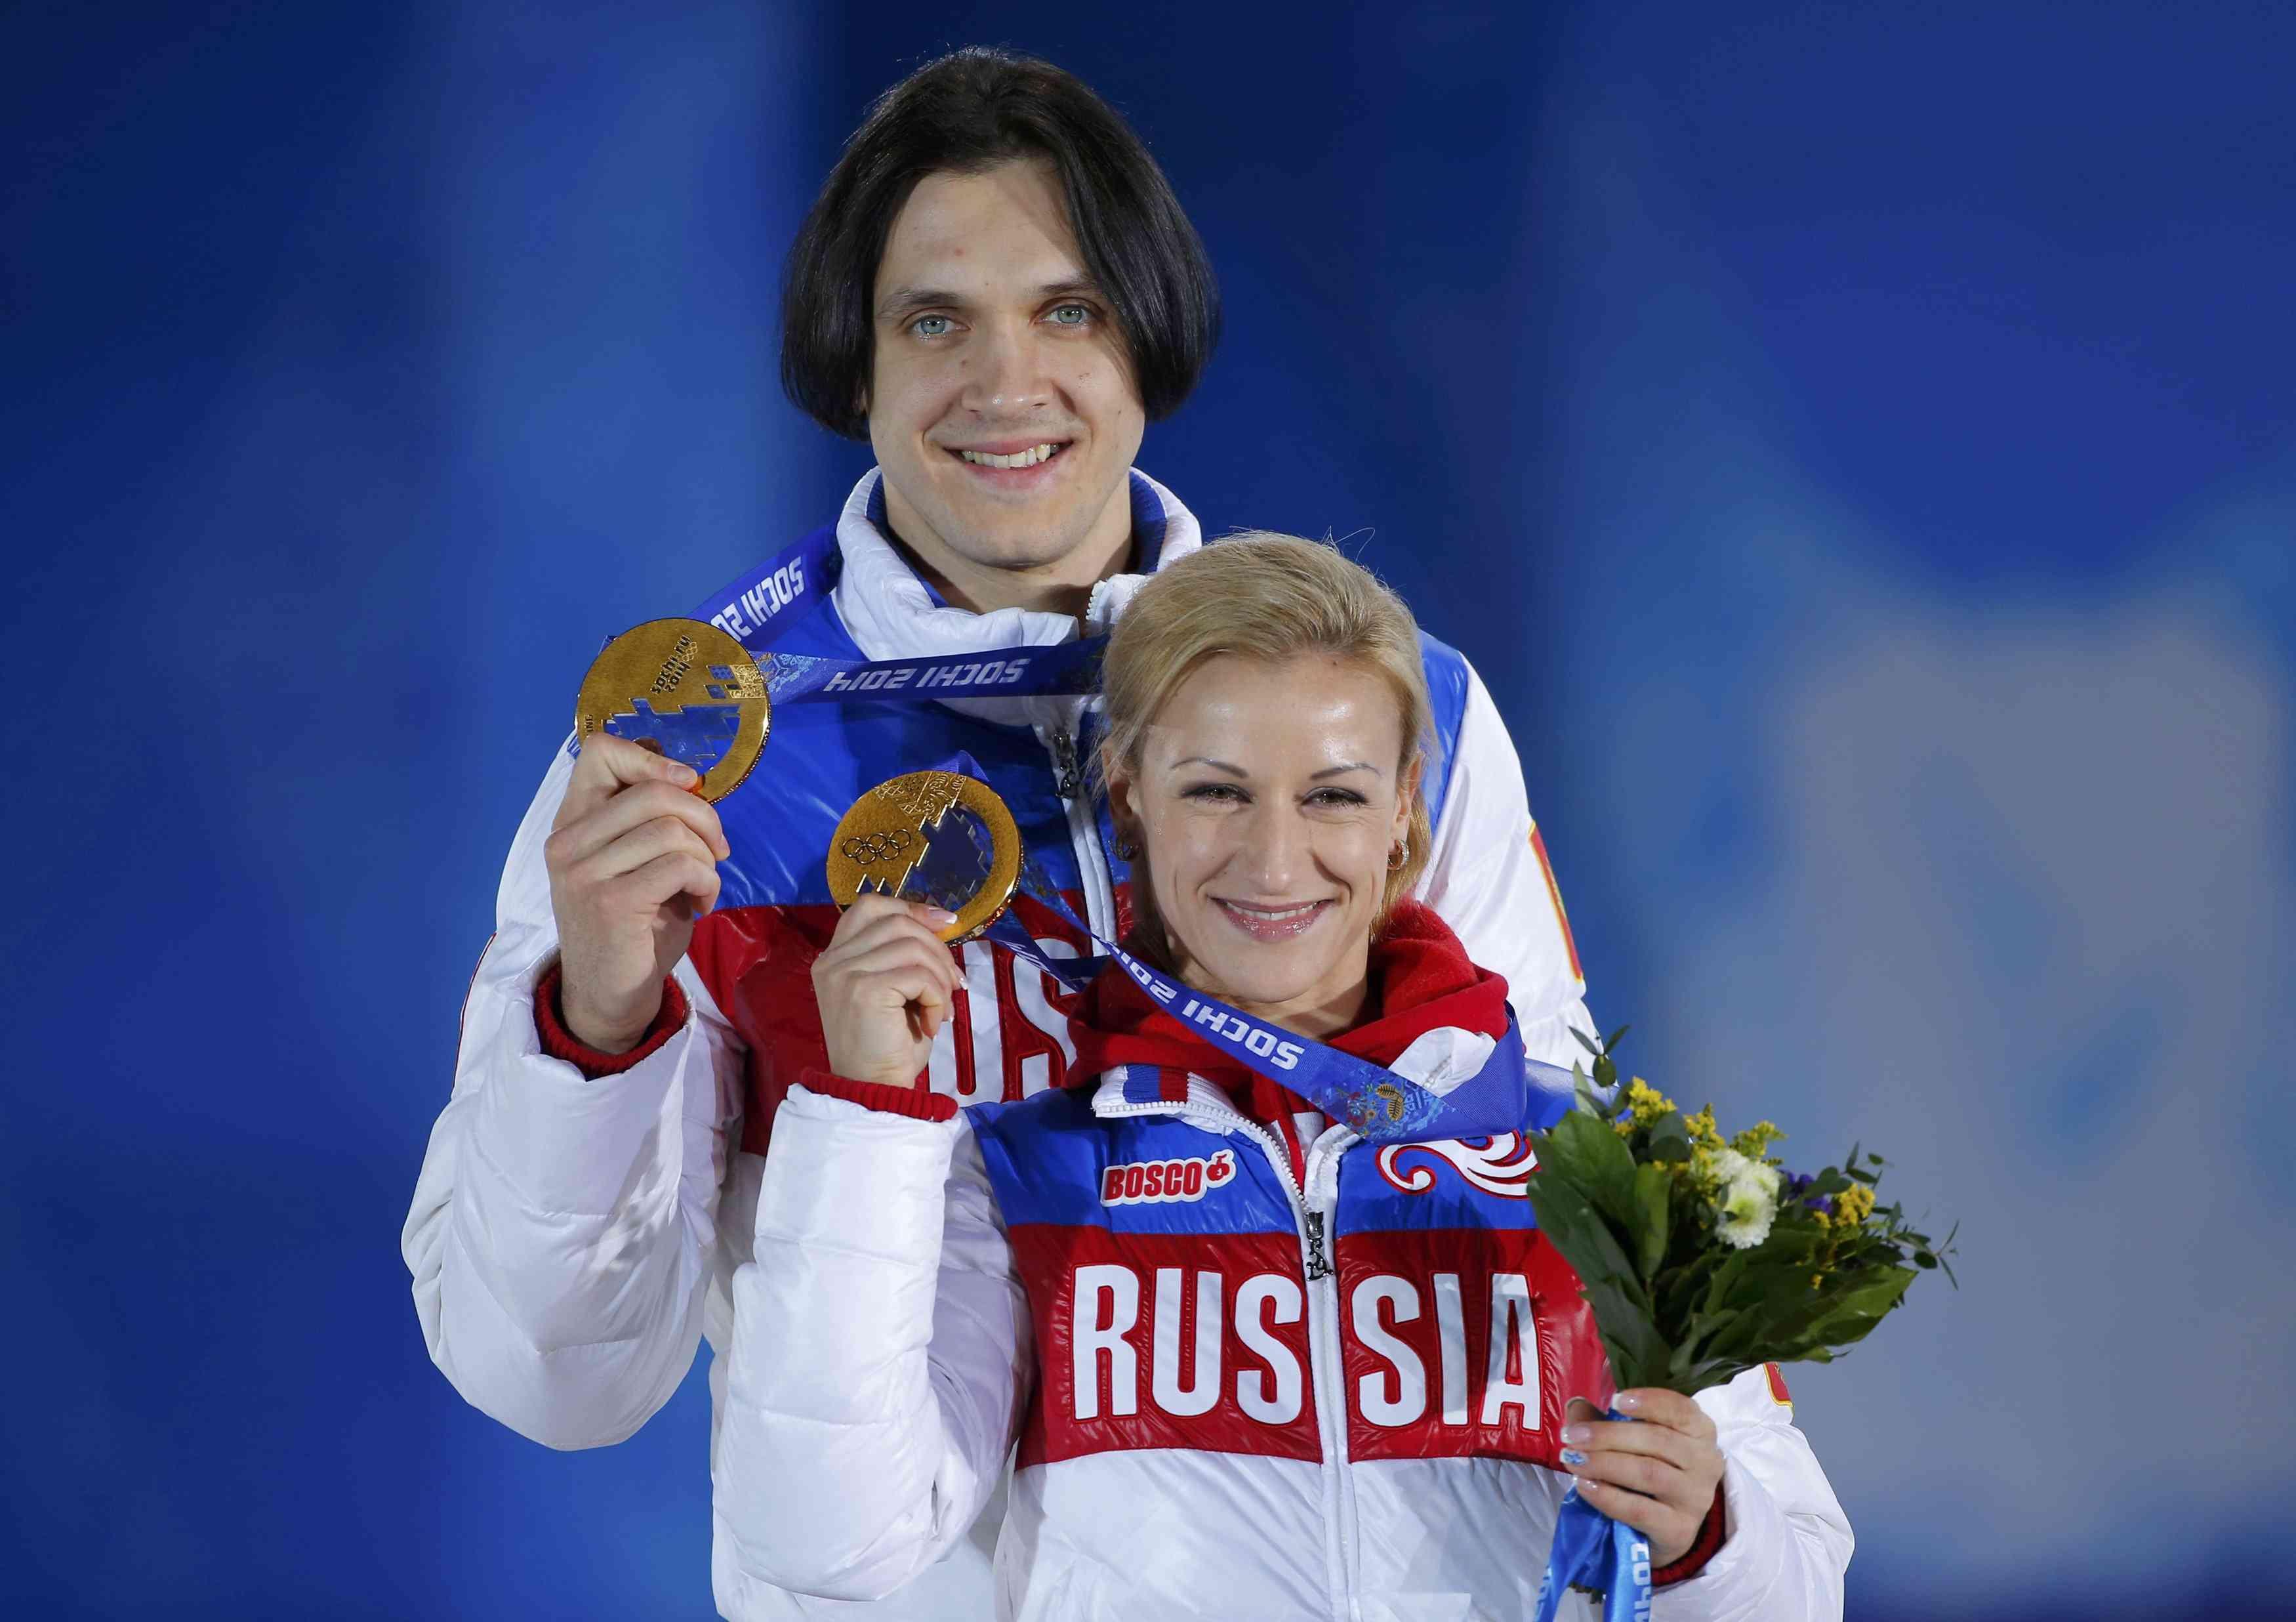 Gjøre idrettsutøvere hekte i den olympiske landsbyen